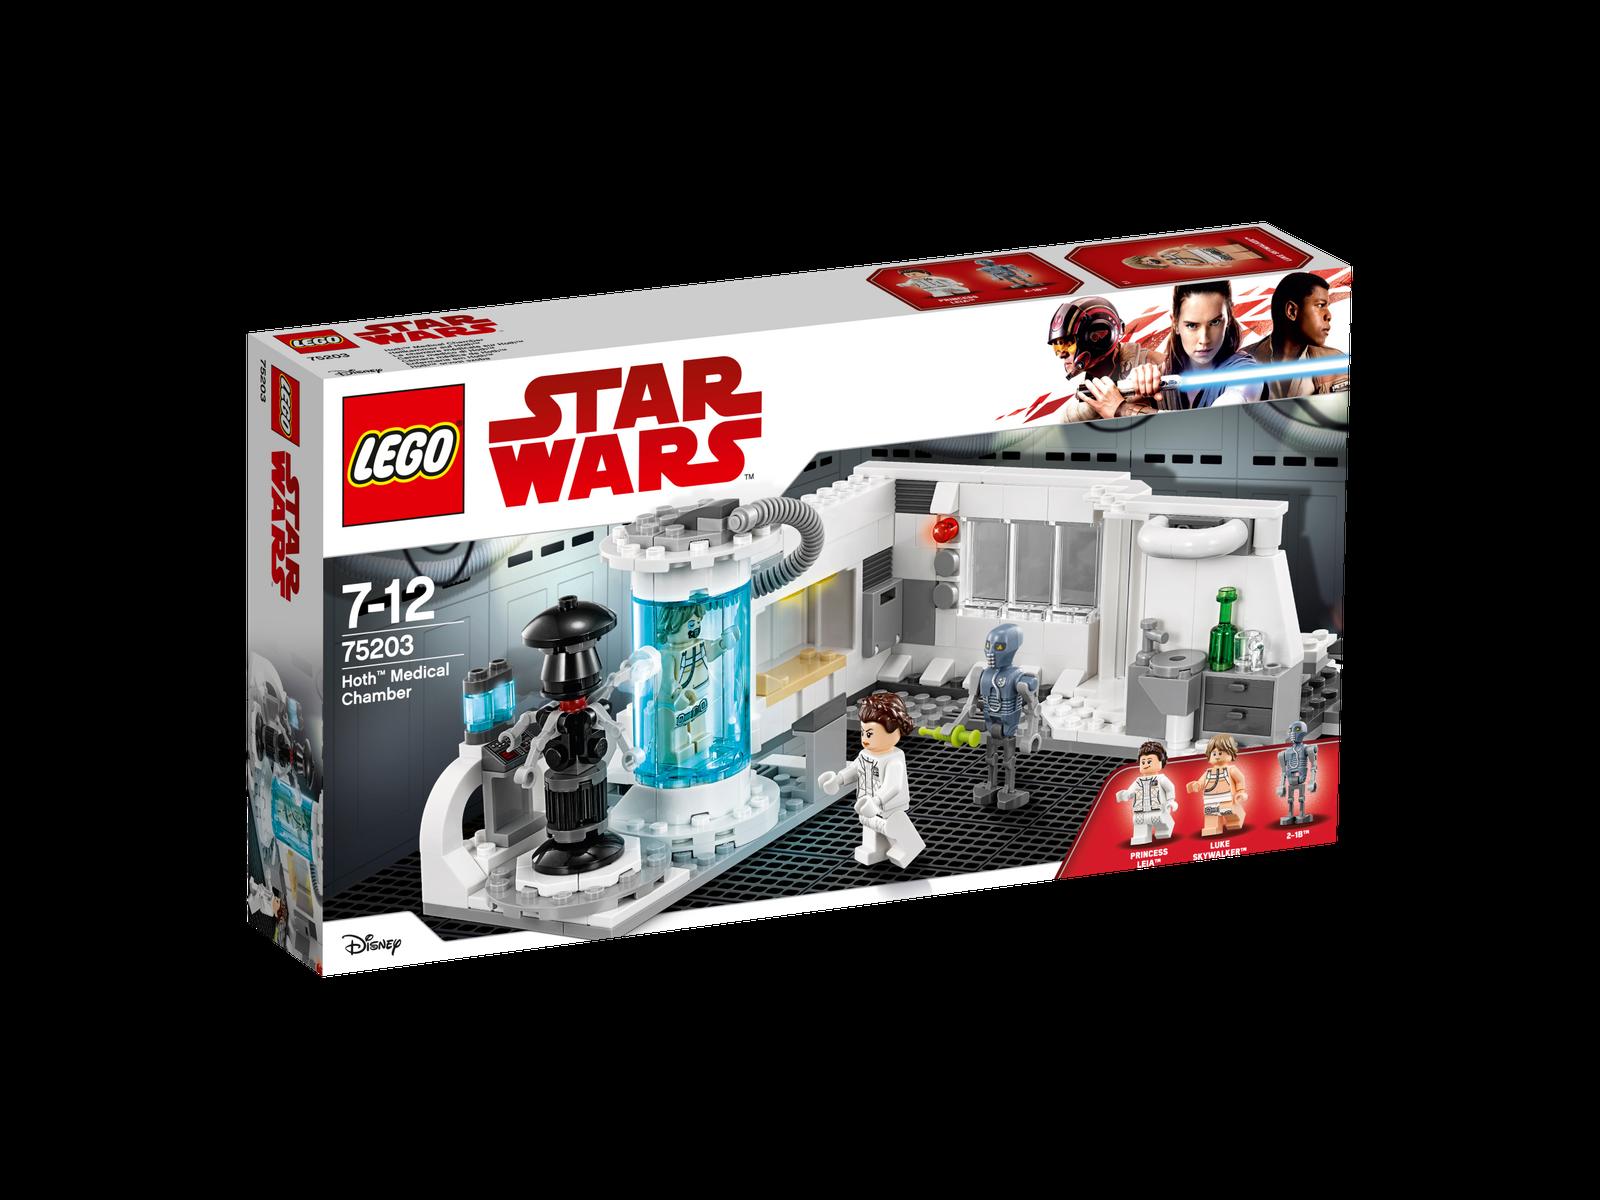 LEGO ® Star  Wars ™ 75203 heilkammer sur Hoth ™ Nouveau neuf dans sa boîte _ Hoth Medical CHAMBER nouveau  choisissez votre préférée